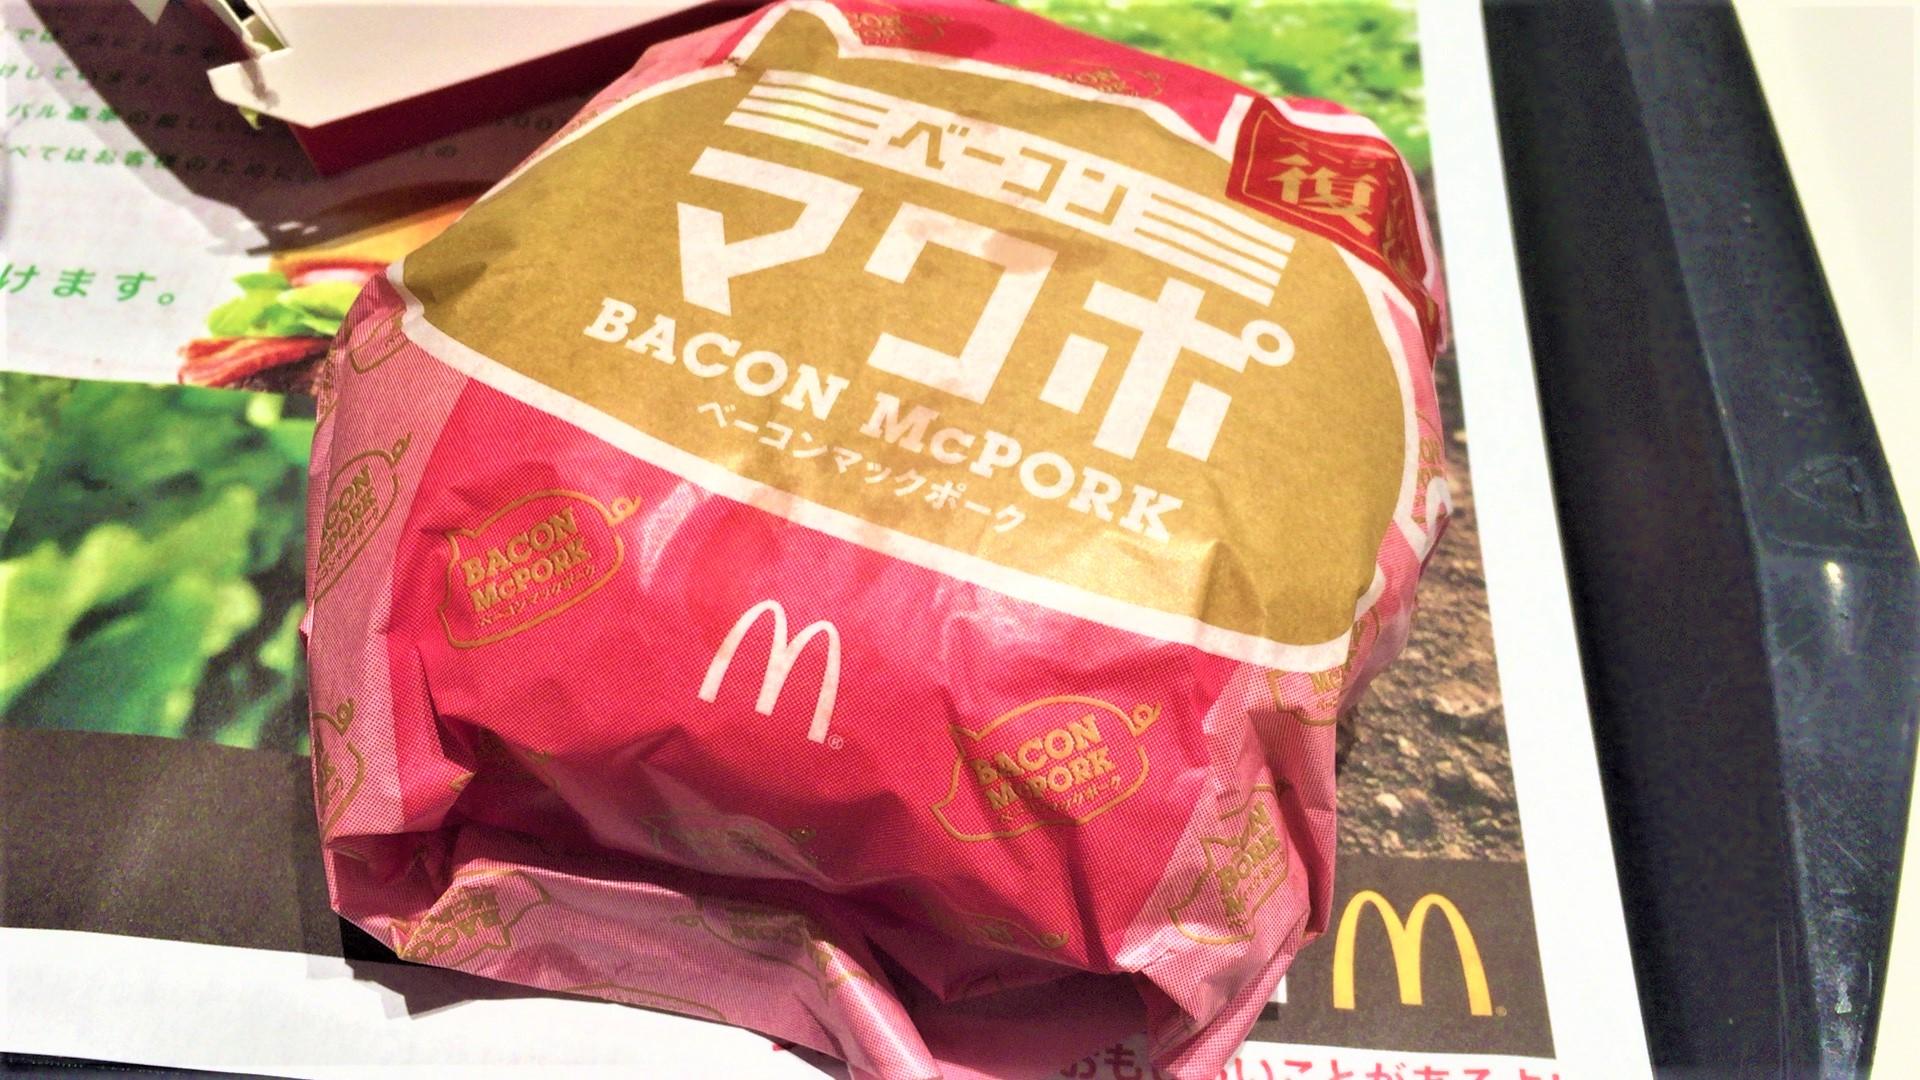 ベーコンマックポーク(マクポ)を食べてみた!復活の人気メニューシリーズ【感想・口コミは?】